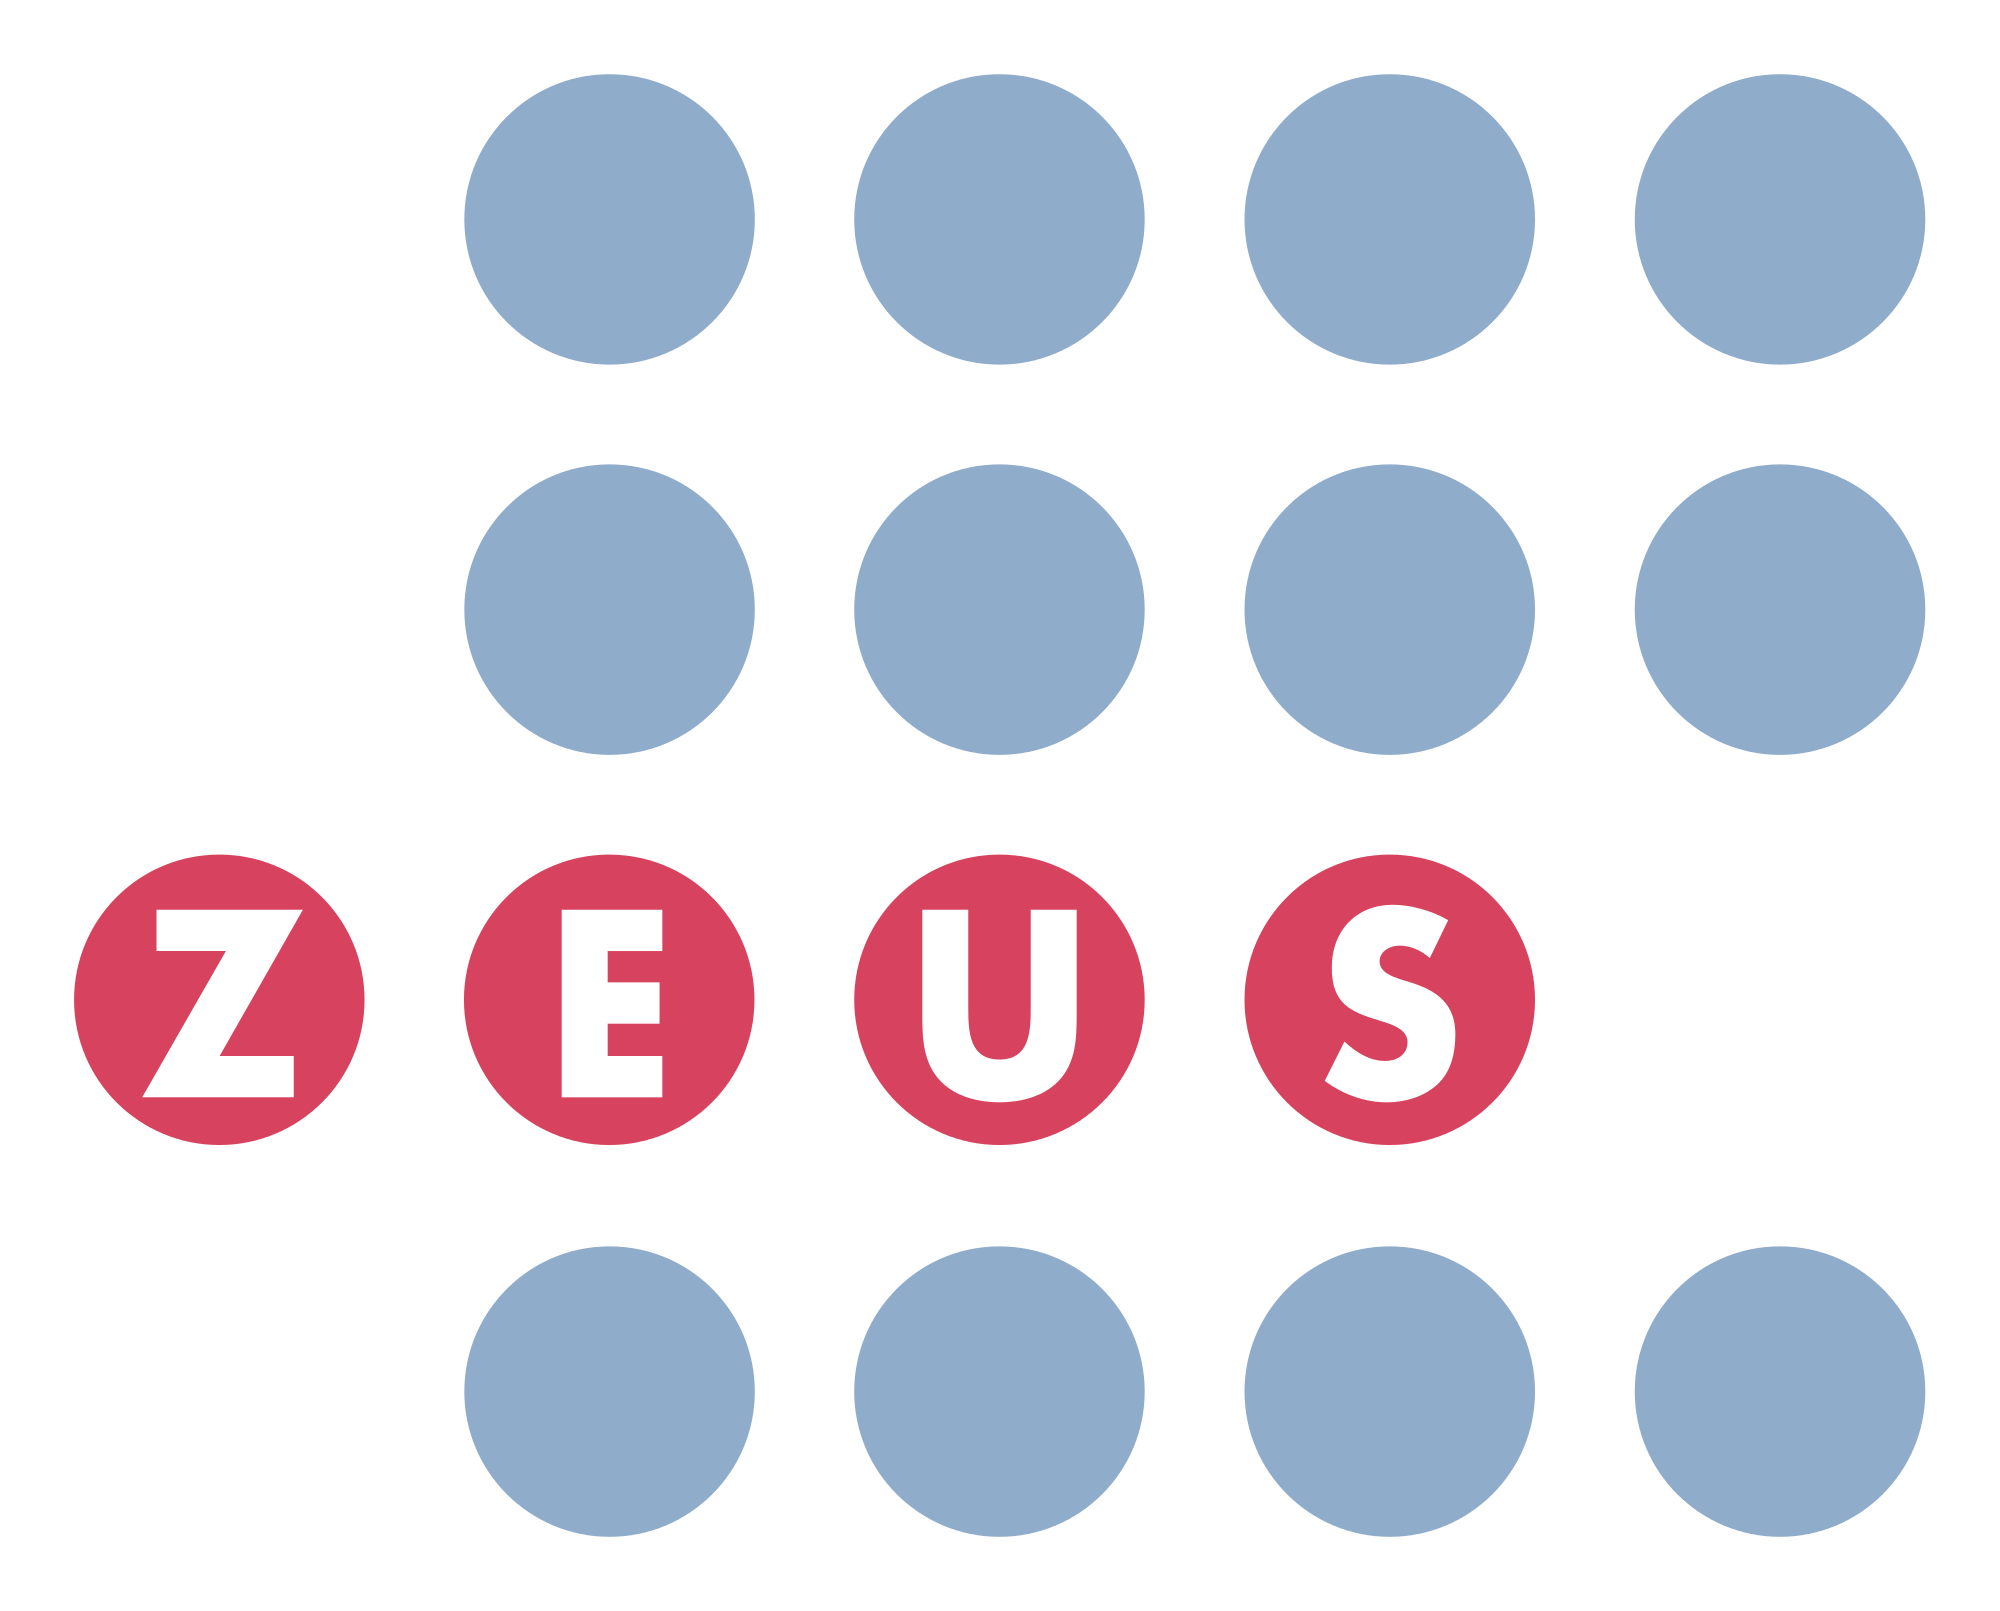 Zeus svg #11, Download drawings